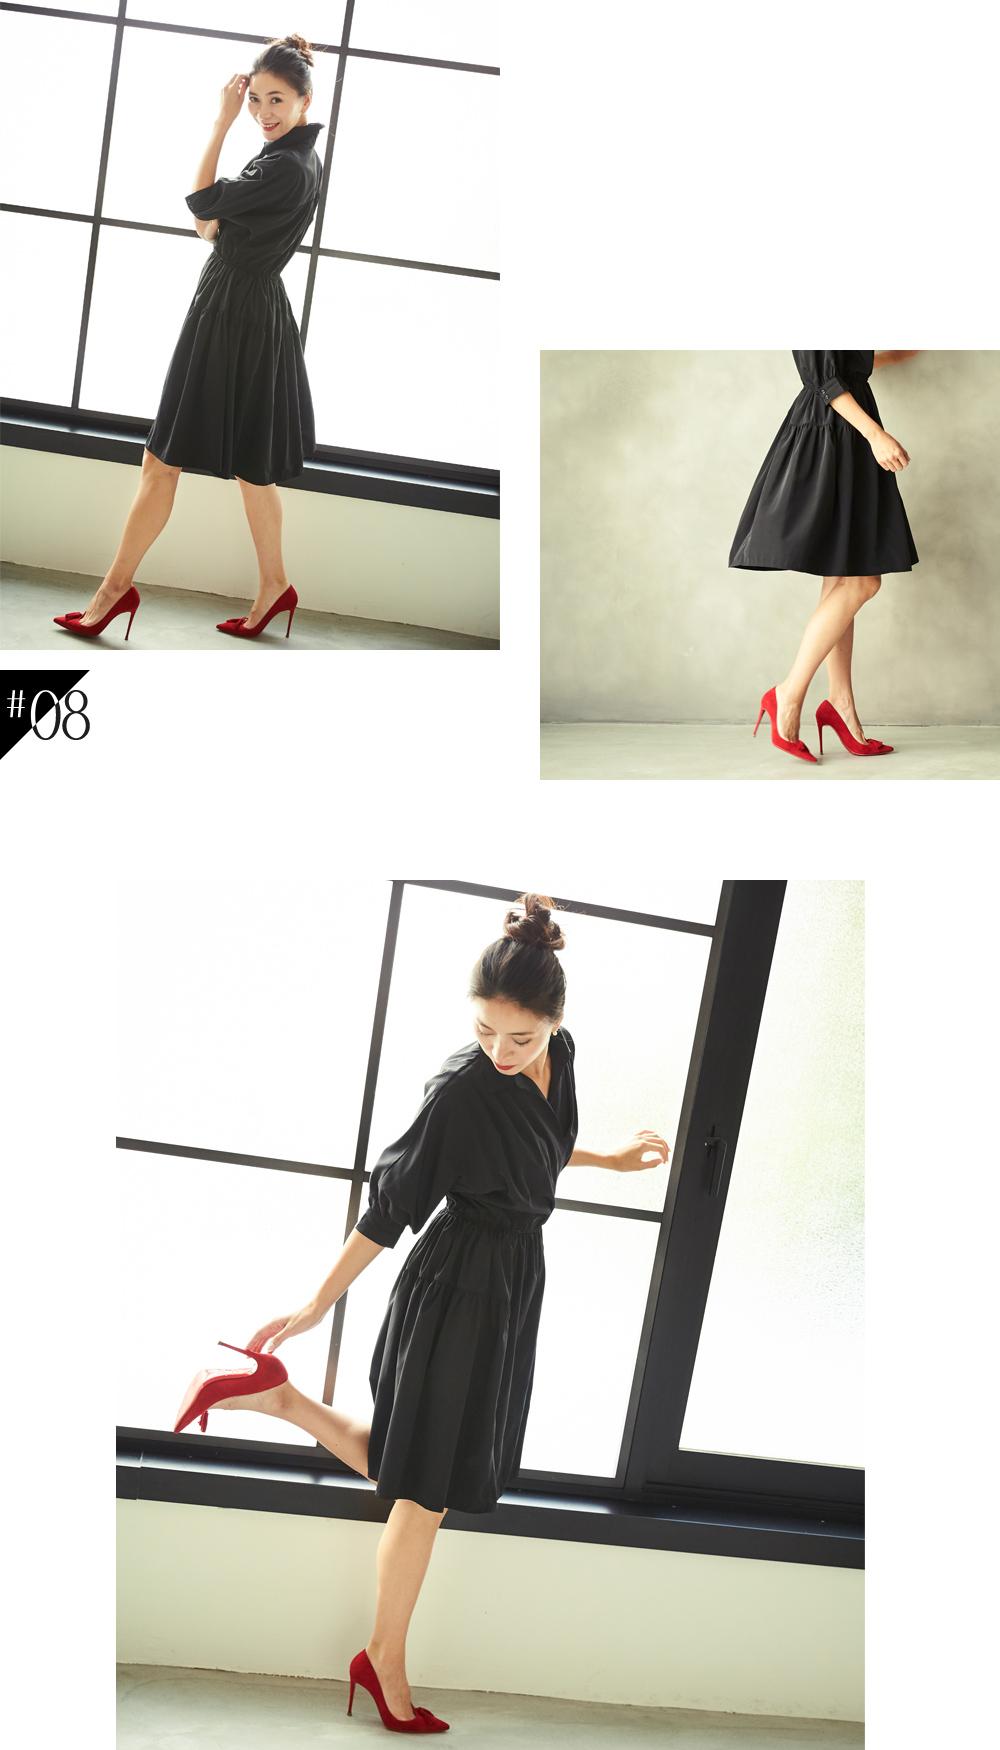 大人な着こなしで魅せるur'sの秋コレクション スタイリング大日方久美子(おびなたくみこ)_08